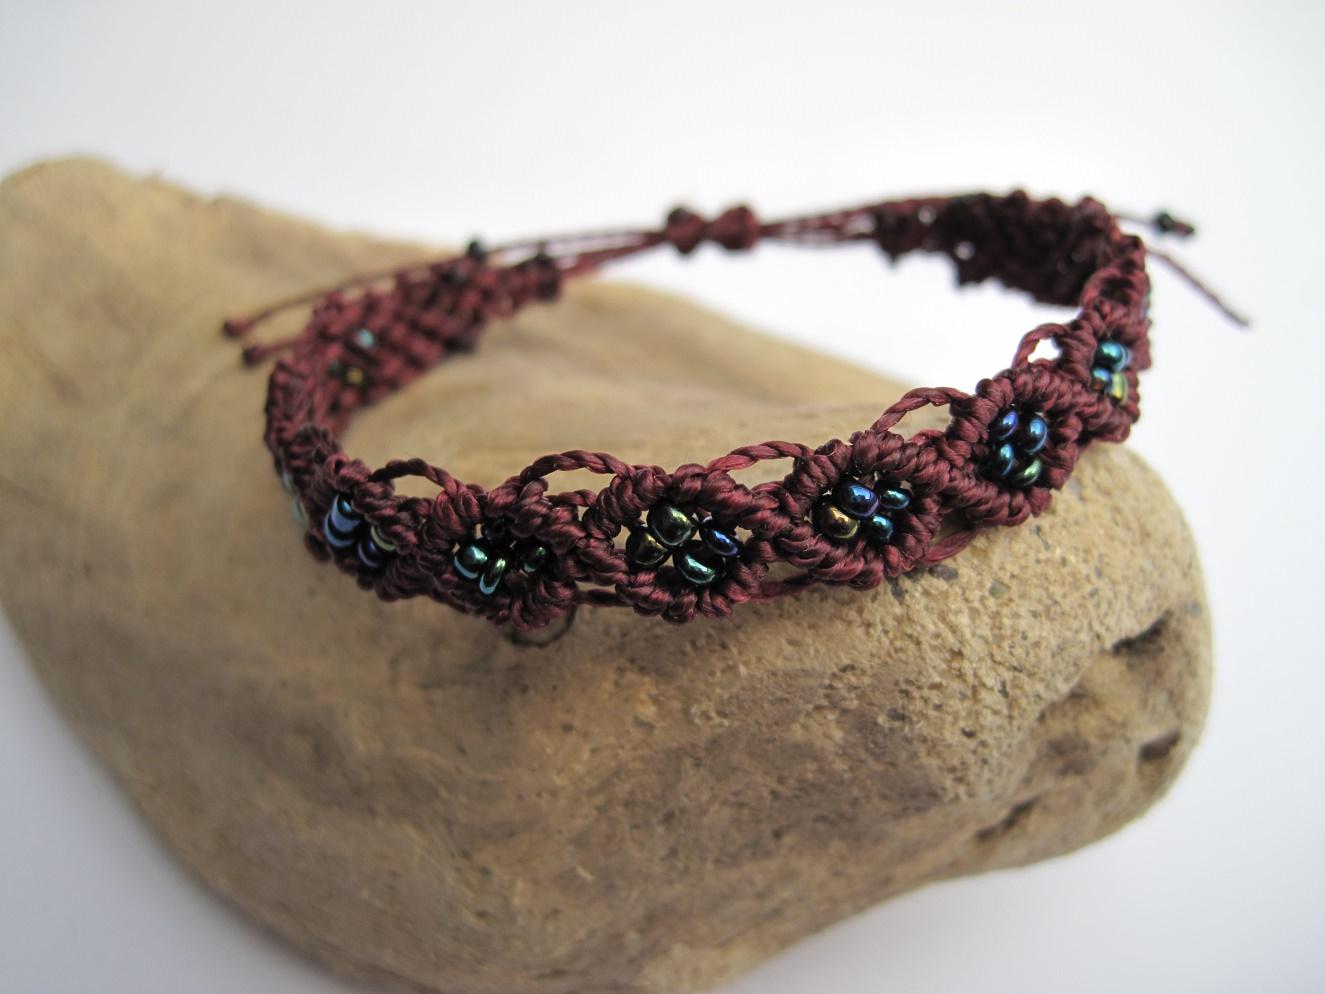 Kleinesbild - Macrame Armband burgund mit Roccailles, Macrameschmuck, micro Macrame